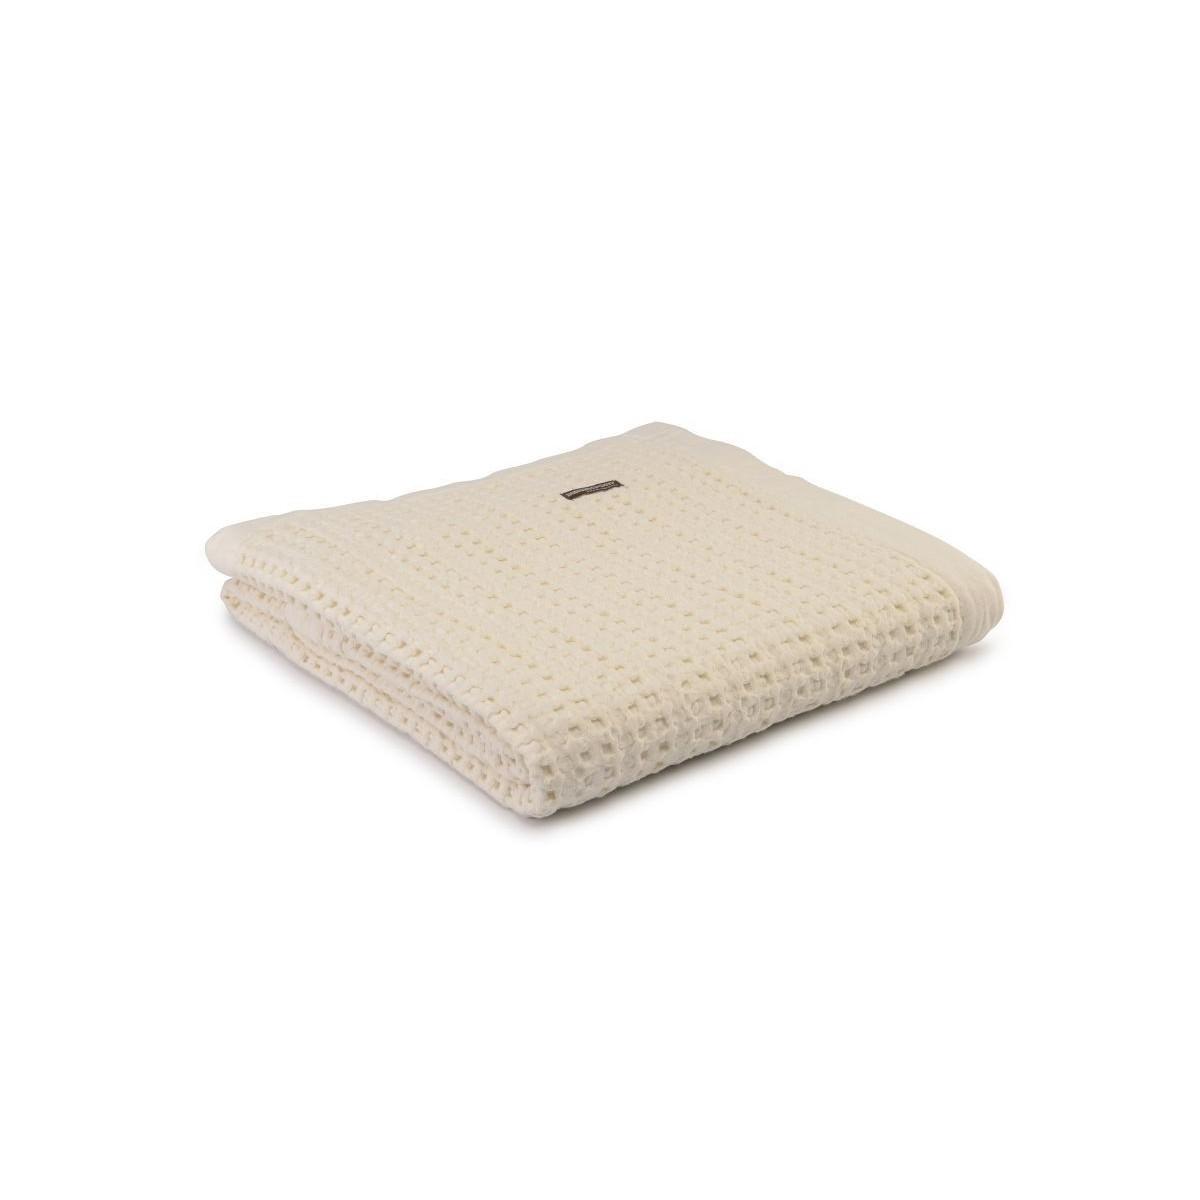 Harris - Stonewash Throw in Cream - 130x170cm